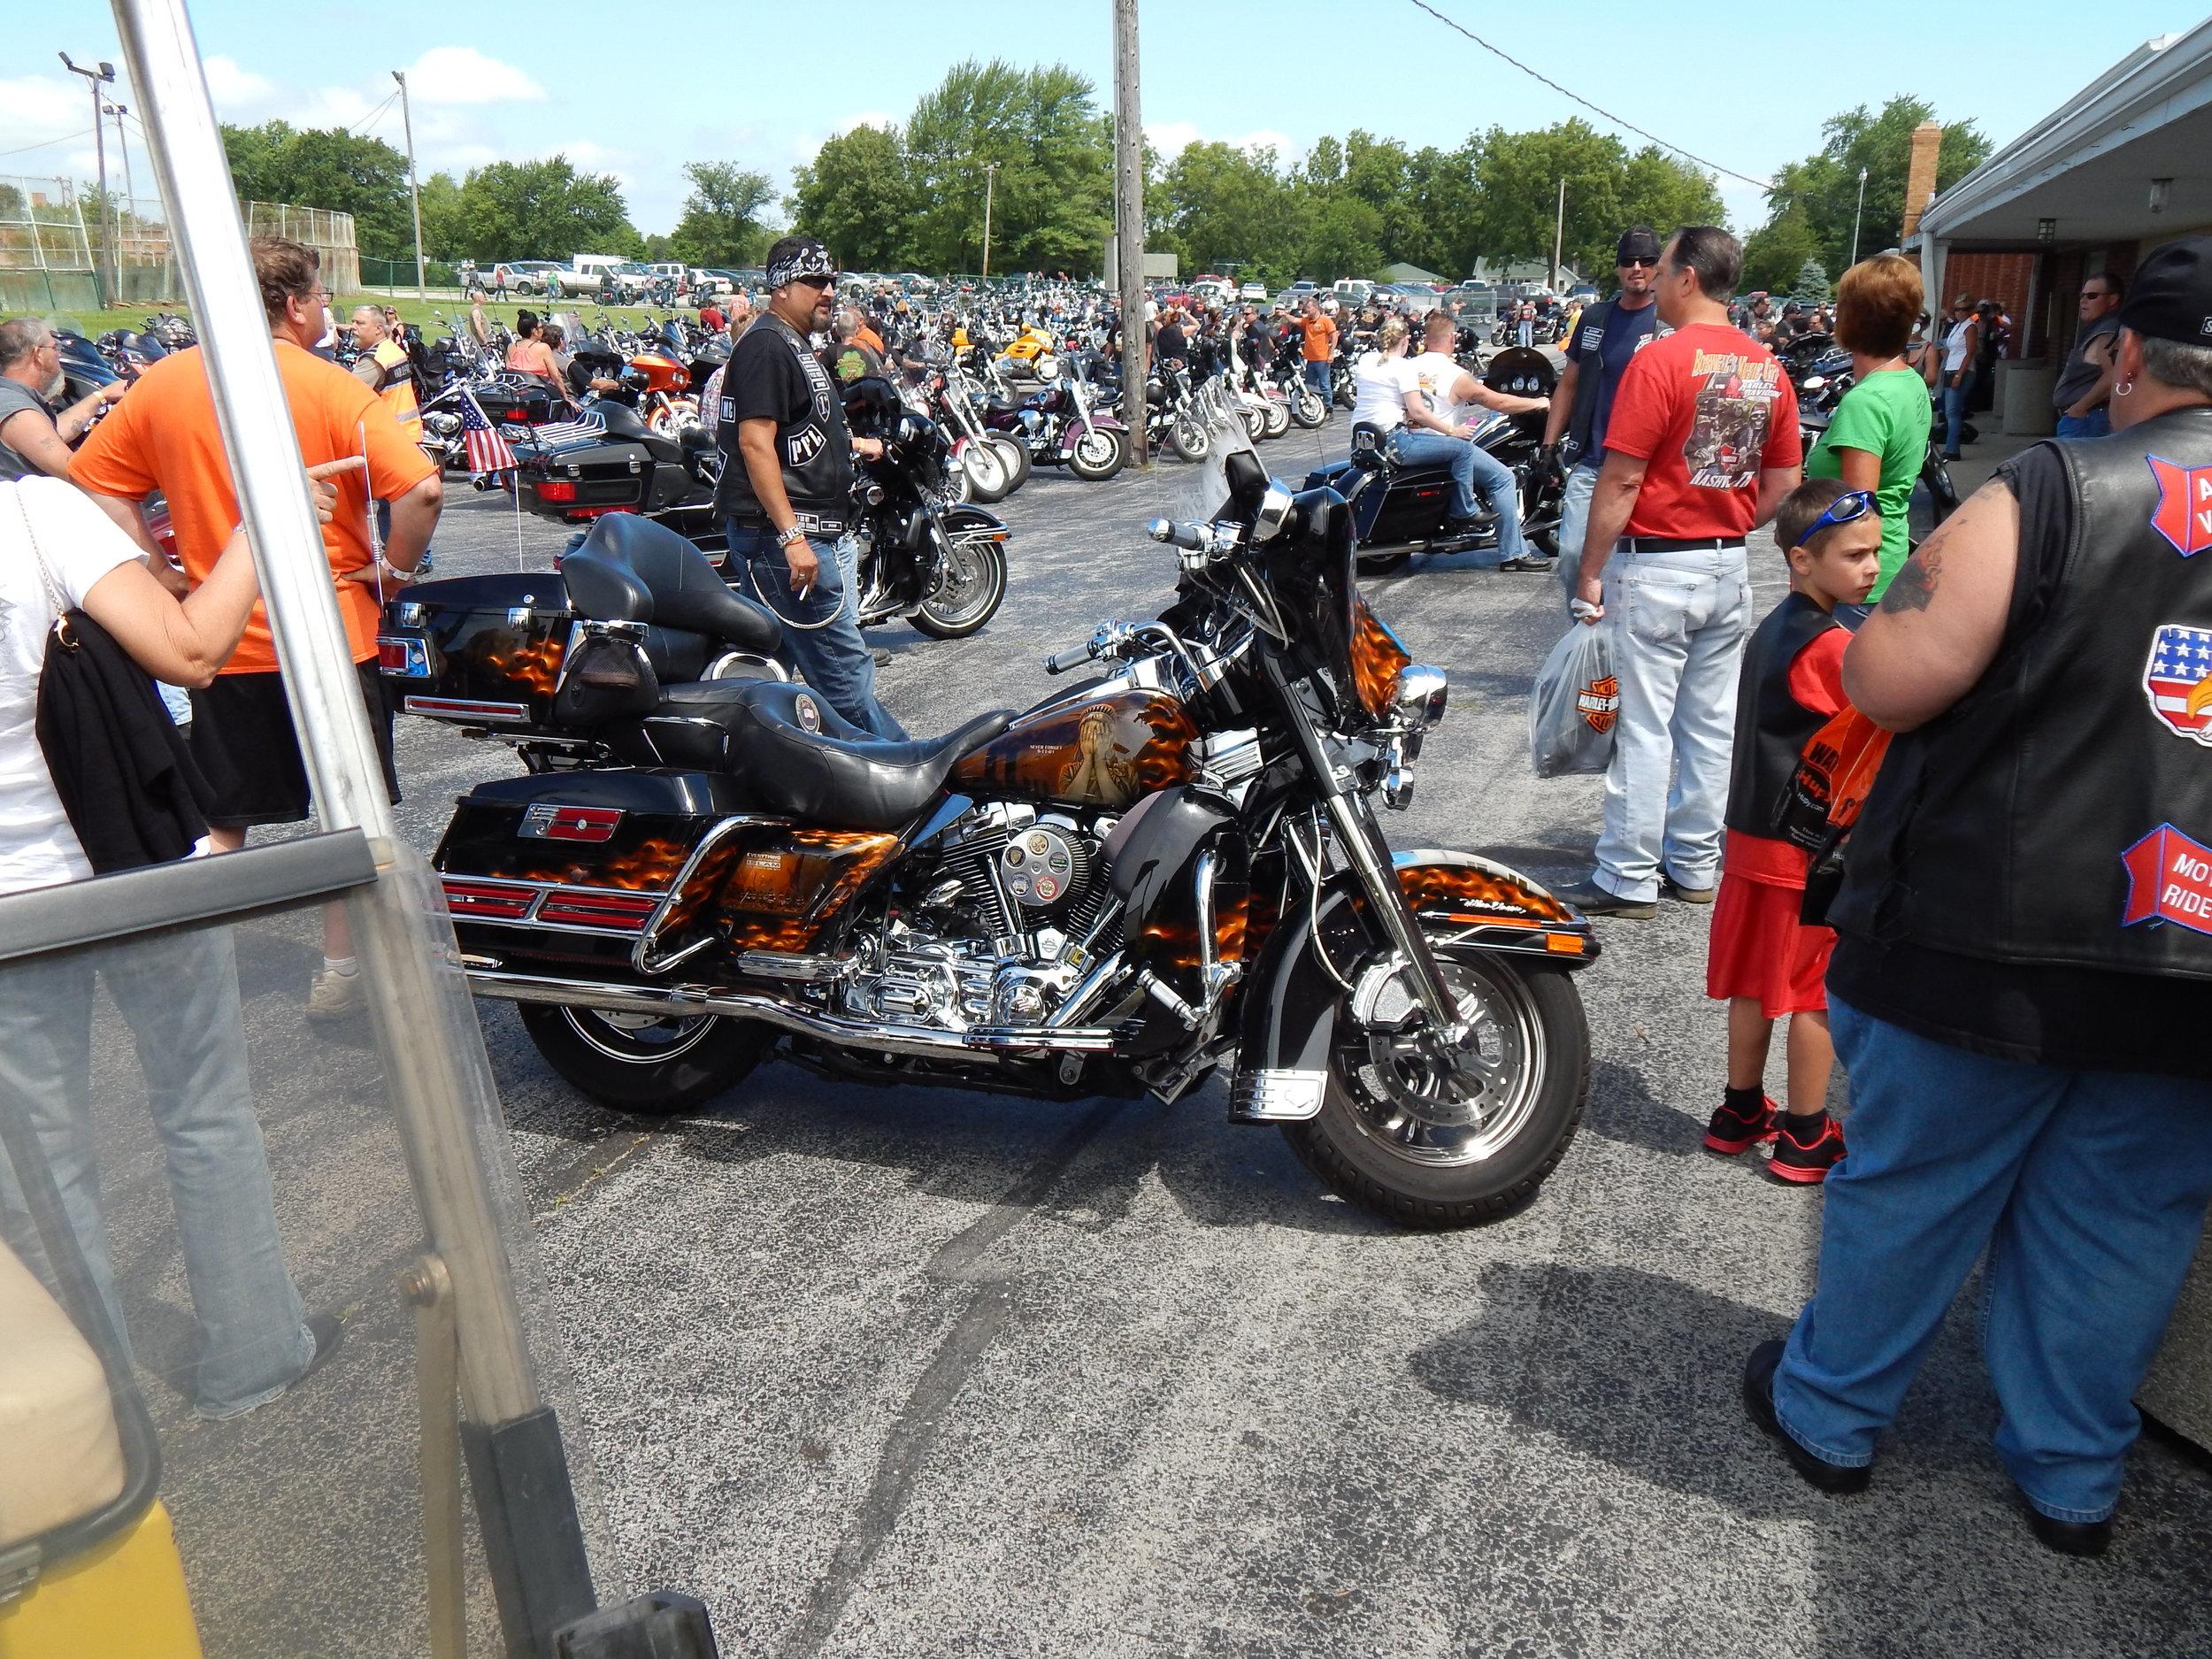 peotone-motorcycle-swap-meet-9-11-bike.jpg